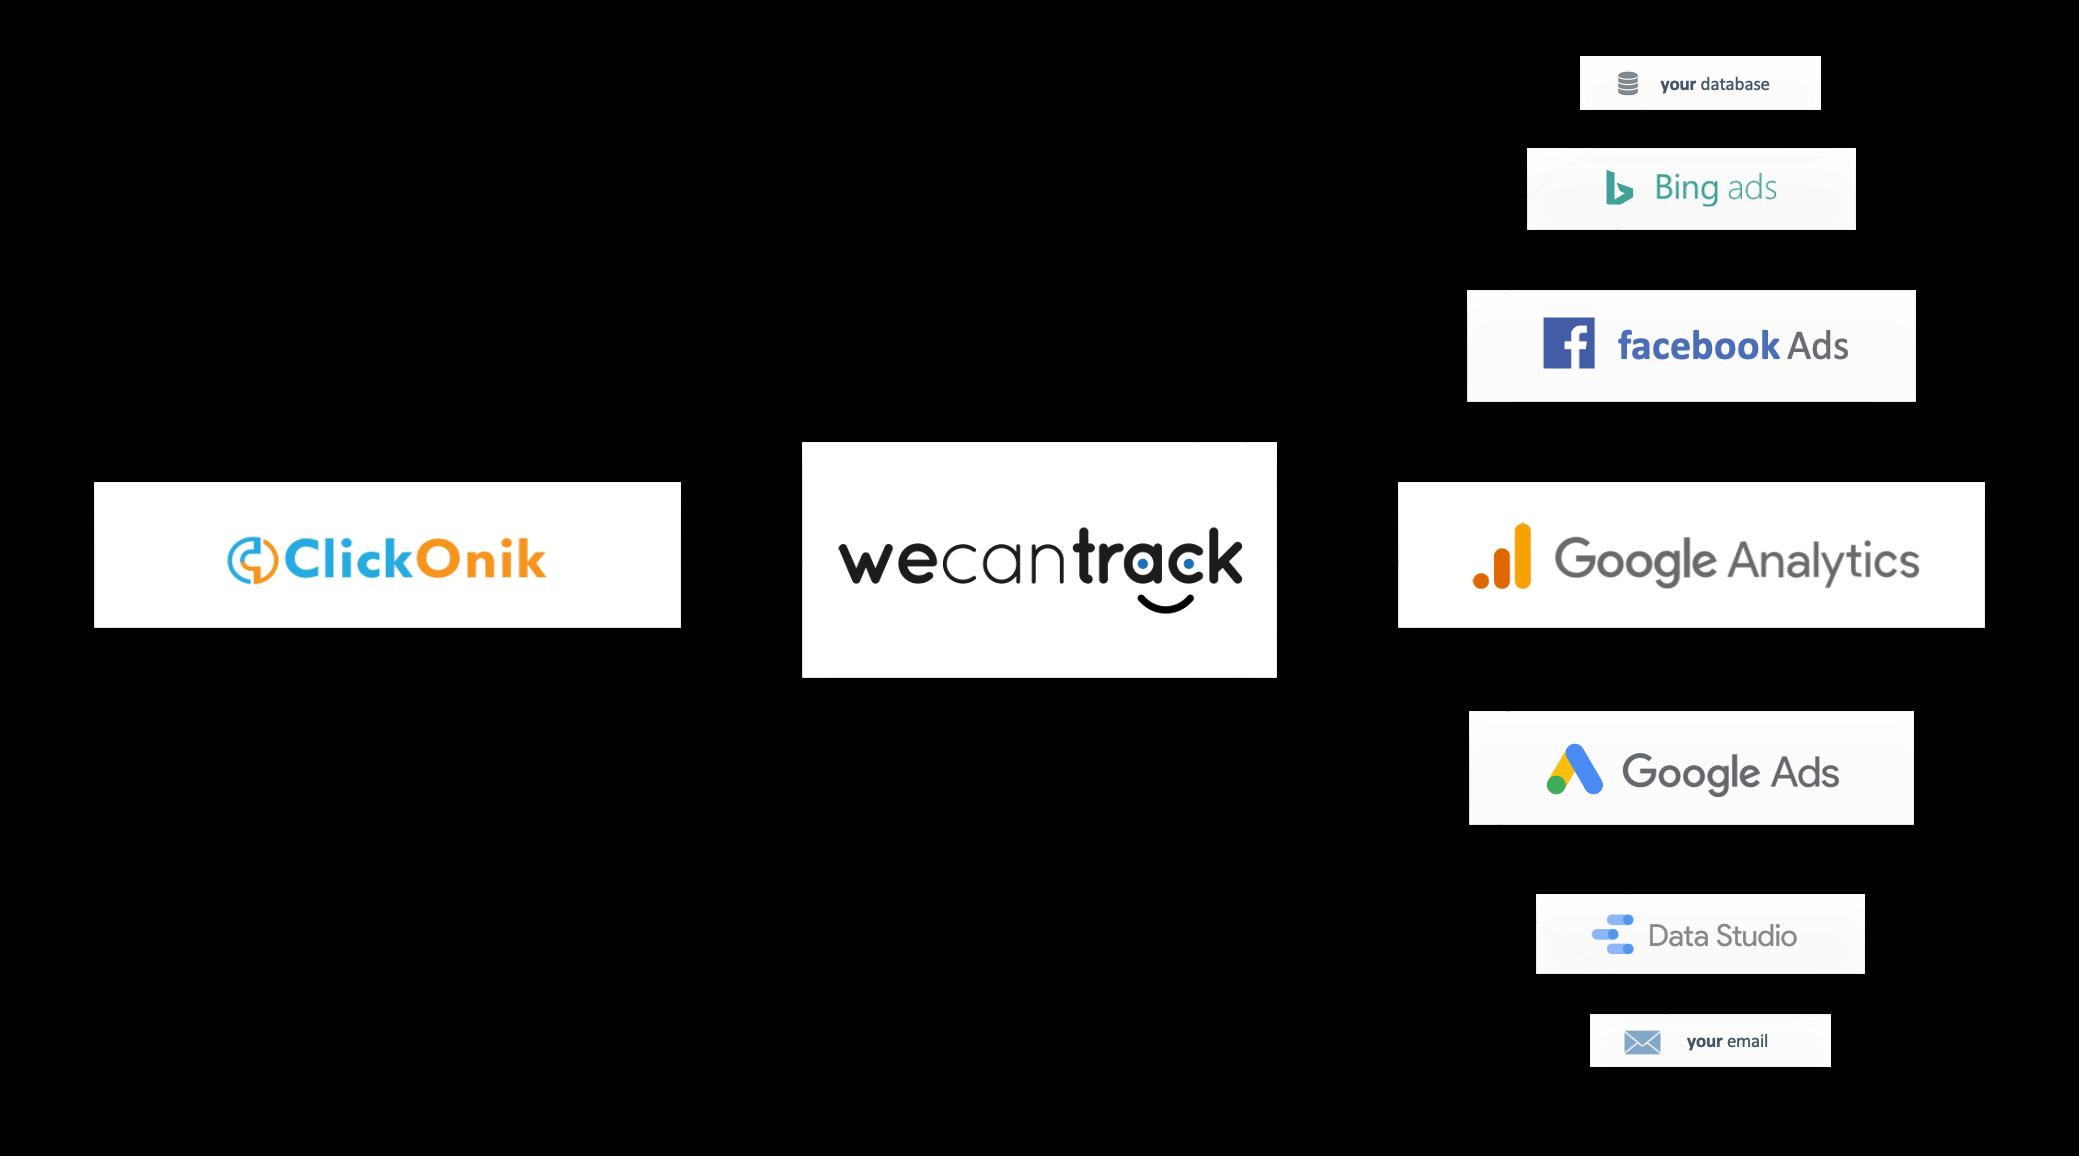 integrate-clickonik-affiliate-conversions-via-postback